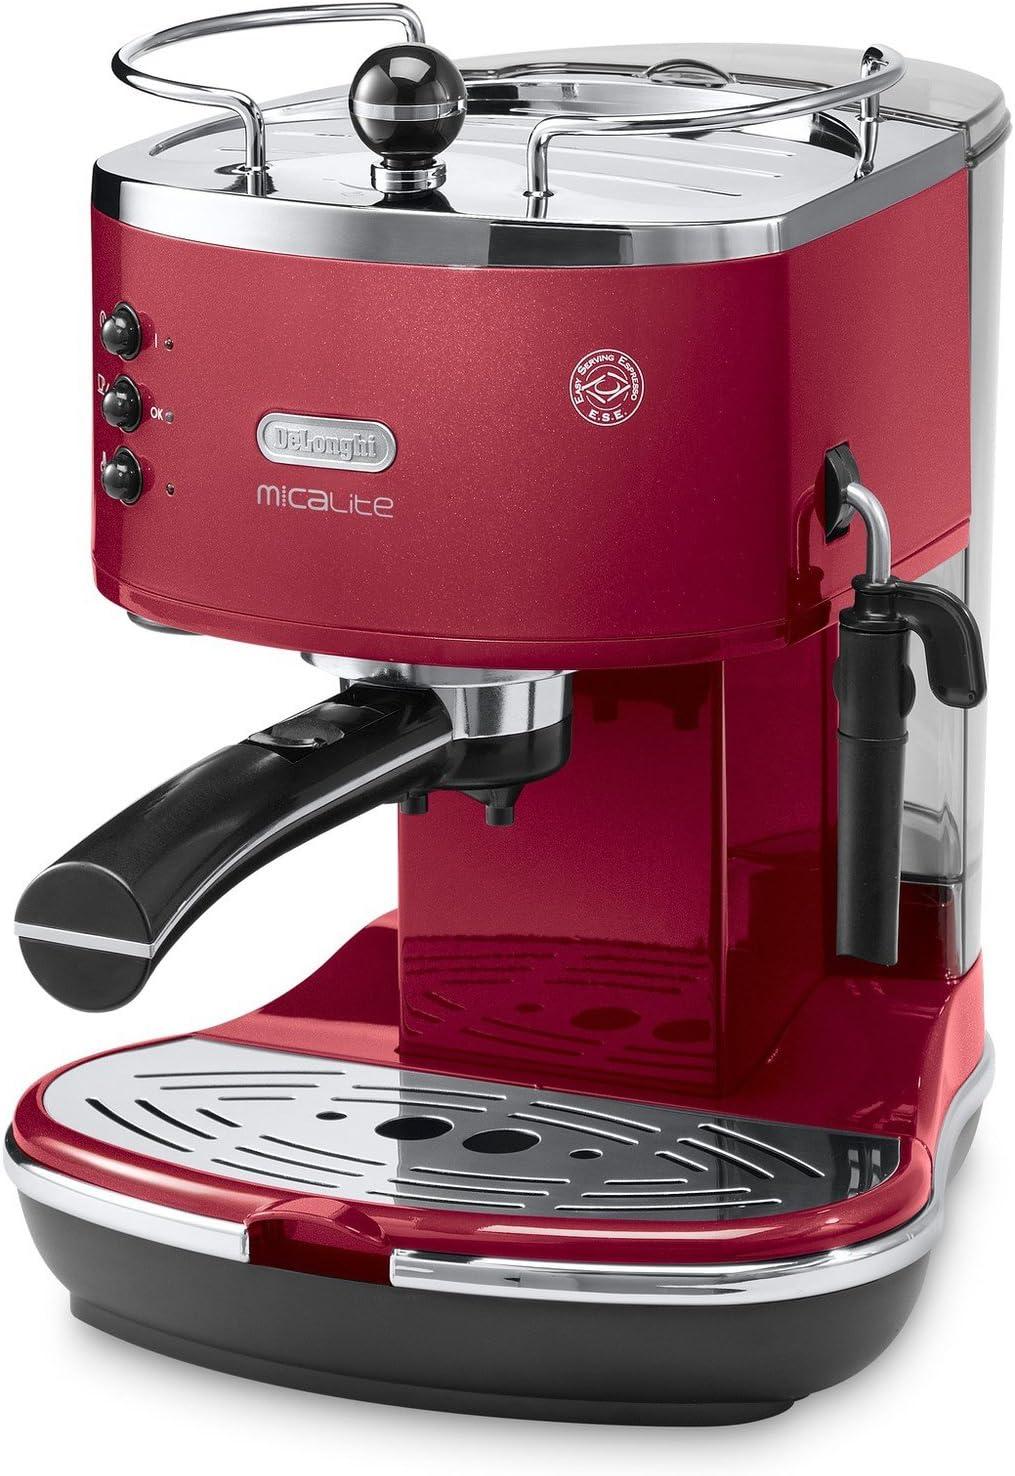 DeLonghi ecom311.r cafetera eléctrica, icona micalite, rojo: Amazon.es: Industria, empresas y ciencia